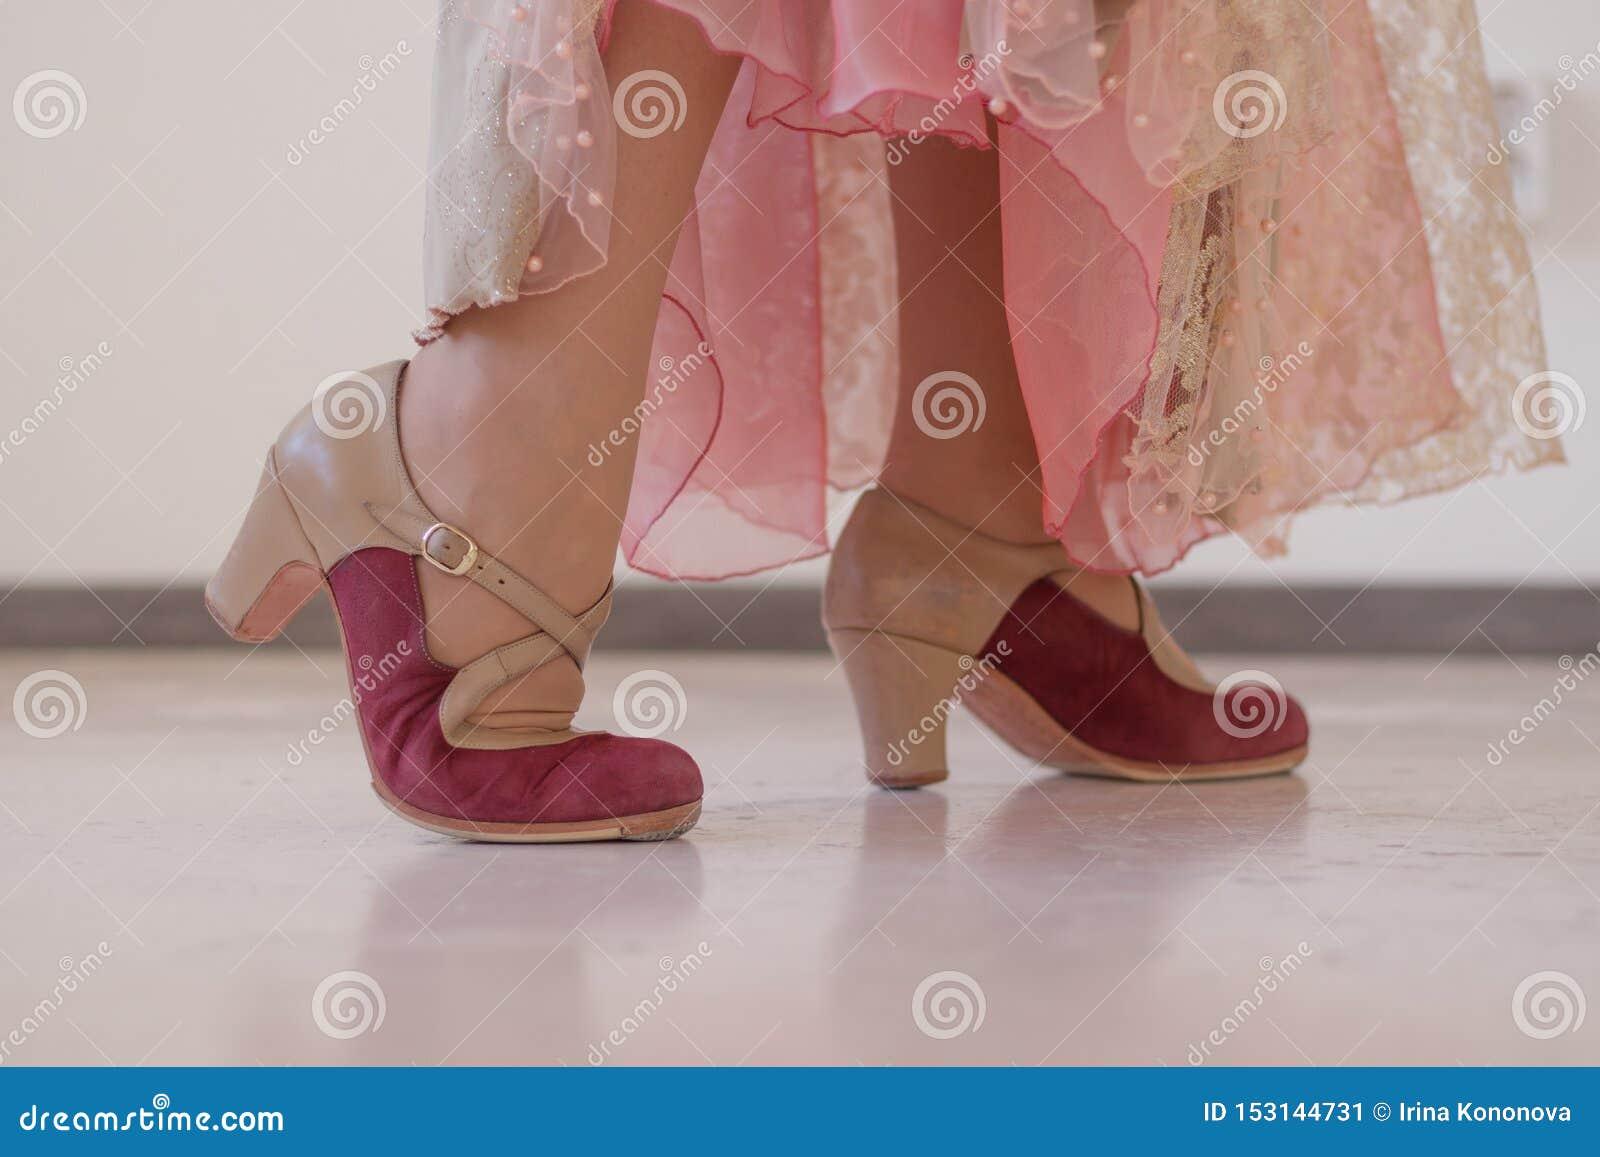 Rose et chaussures beiges pour la danse de flamenco sur les jambes des femmes